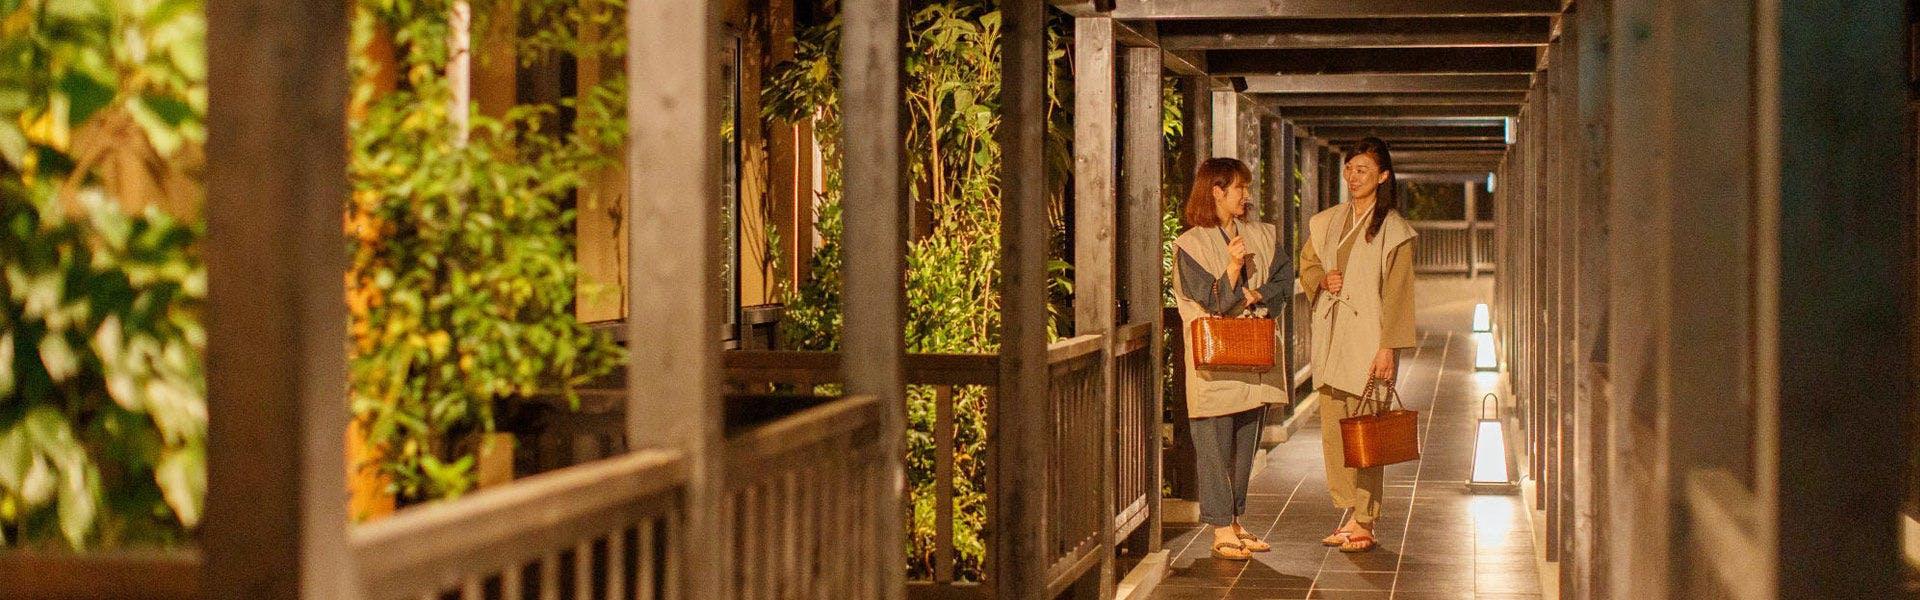 記念日におすすめのホテル・ホテル四季の館那須の写真1